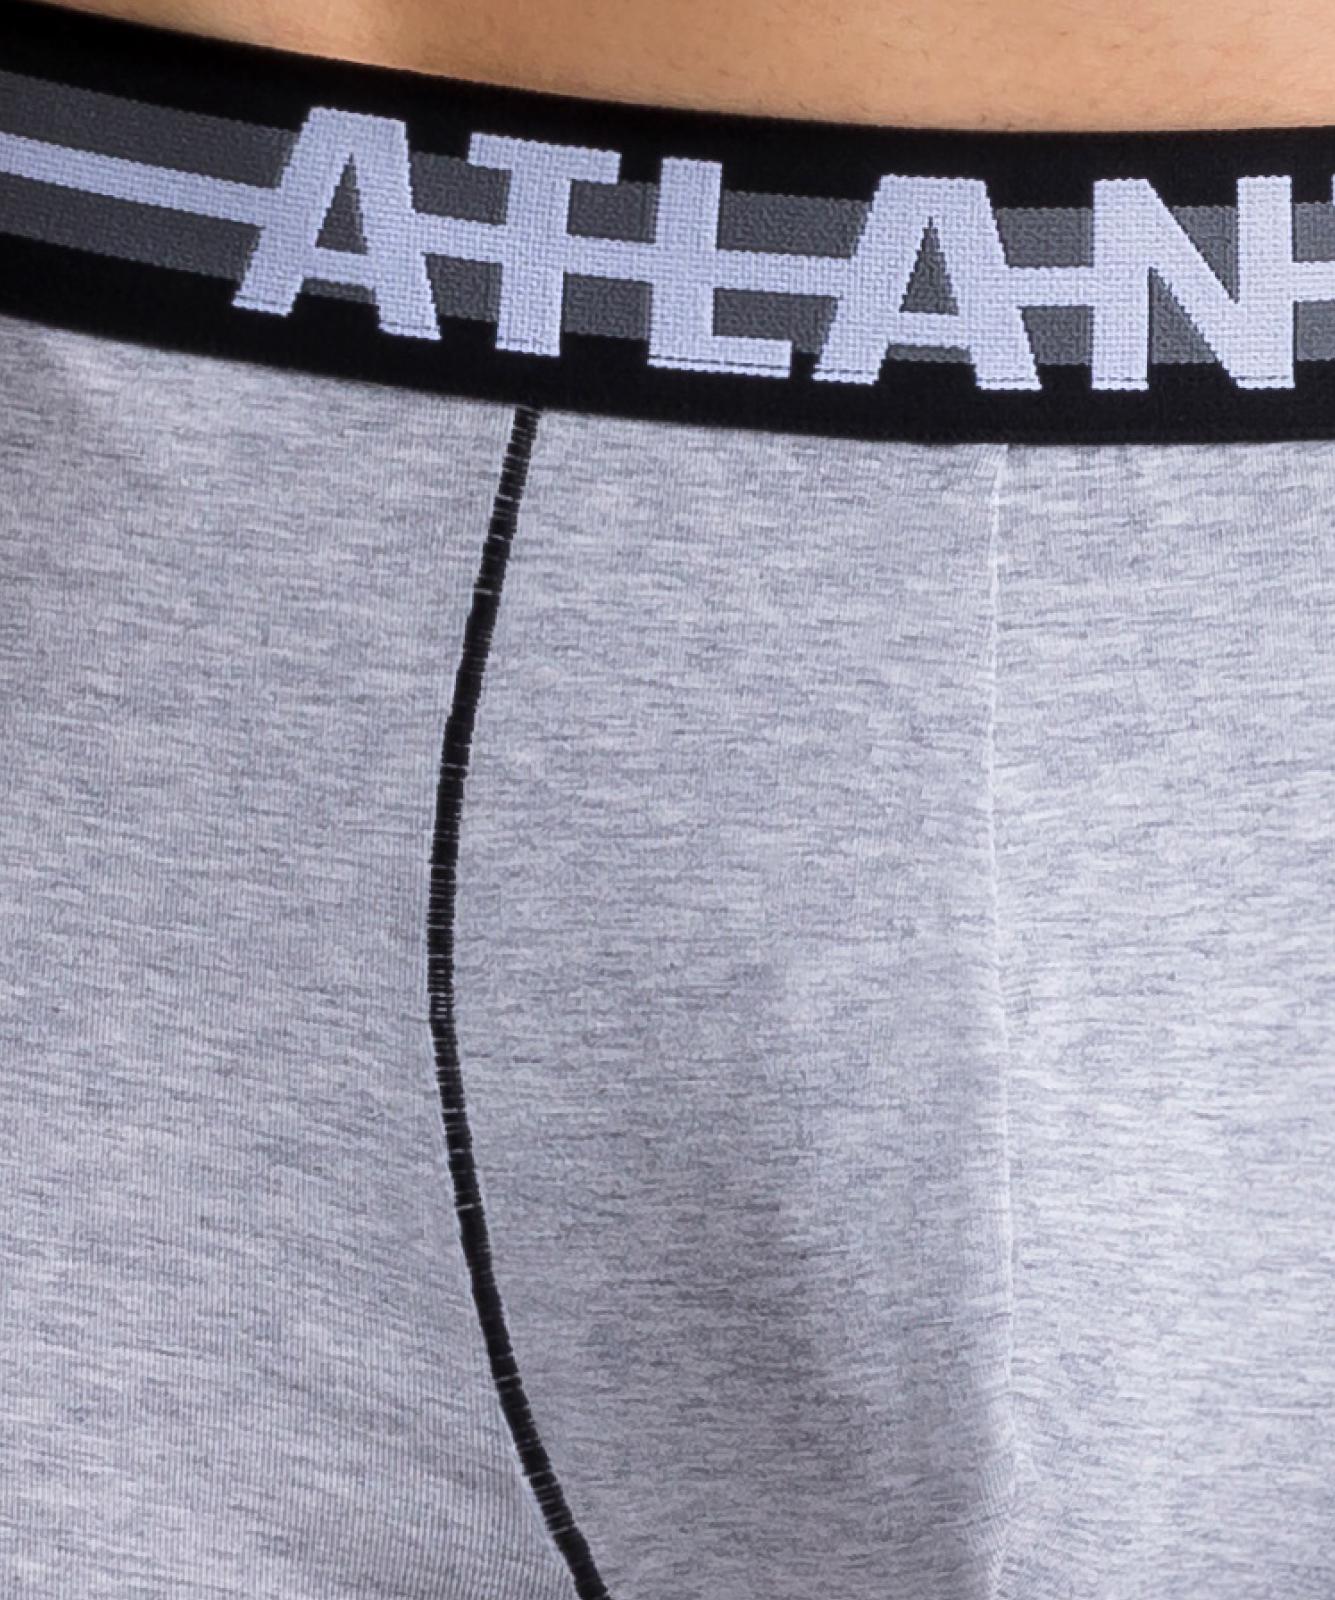 Мужские трусы шорты Atlantic, набор из 3 шт., хлопок, хаки + серый меланж + оранжевые, 3SMH-001